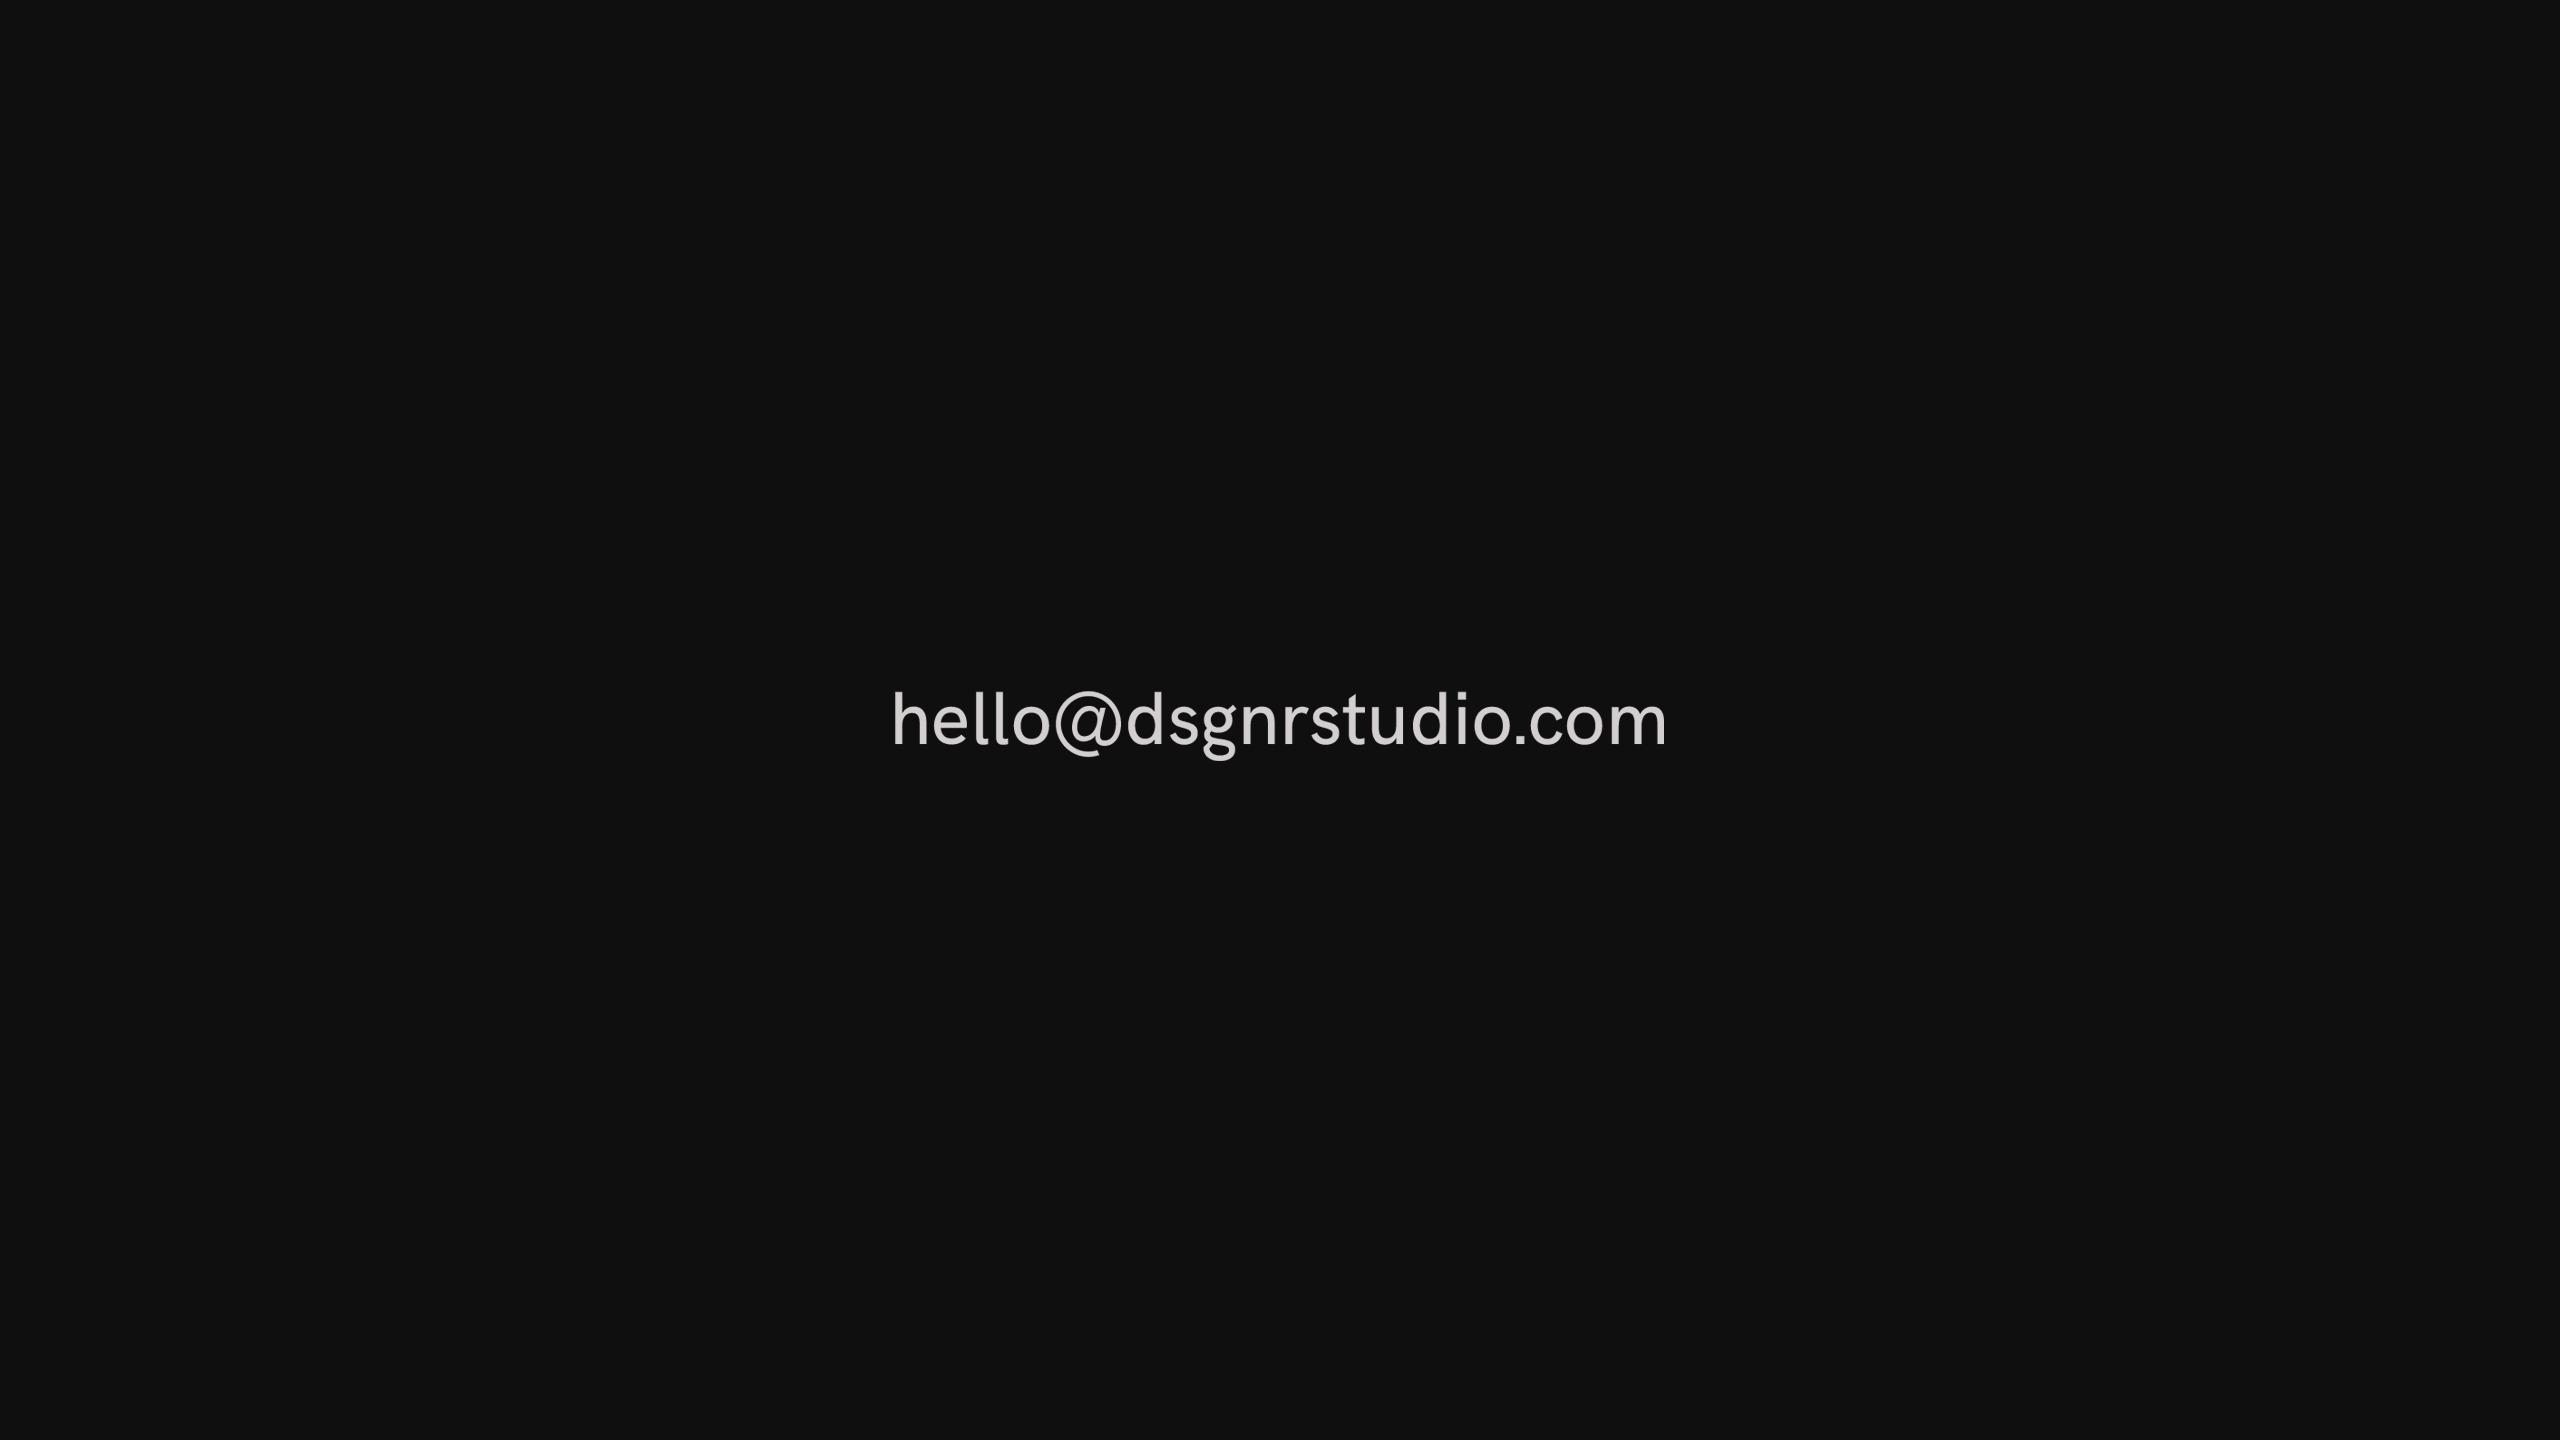 Dsgnr Studio (@dsgnrstudio) Cover Image